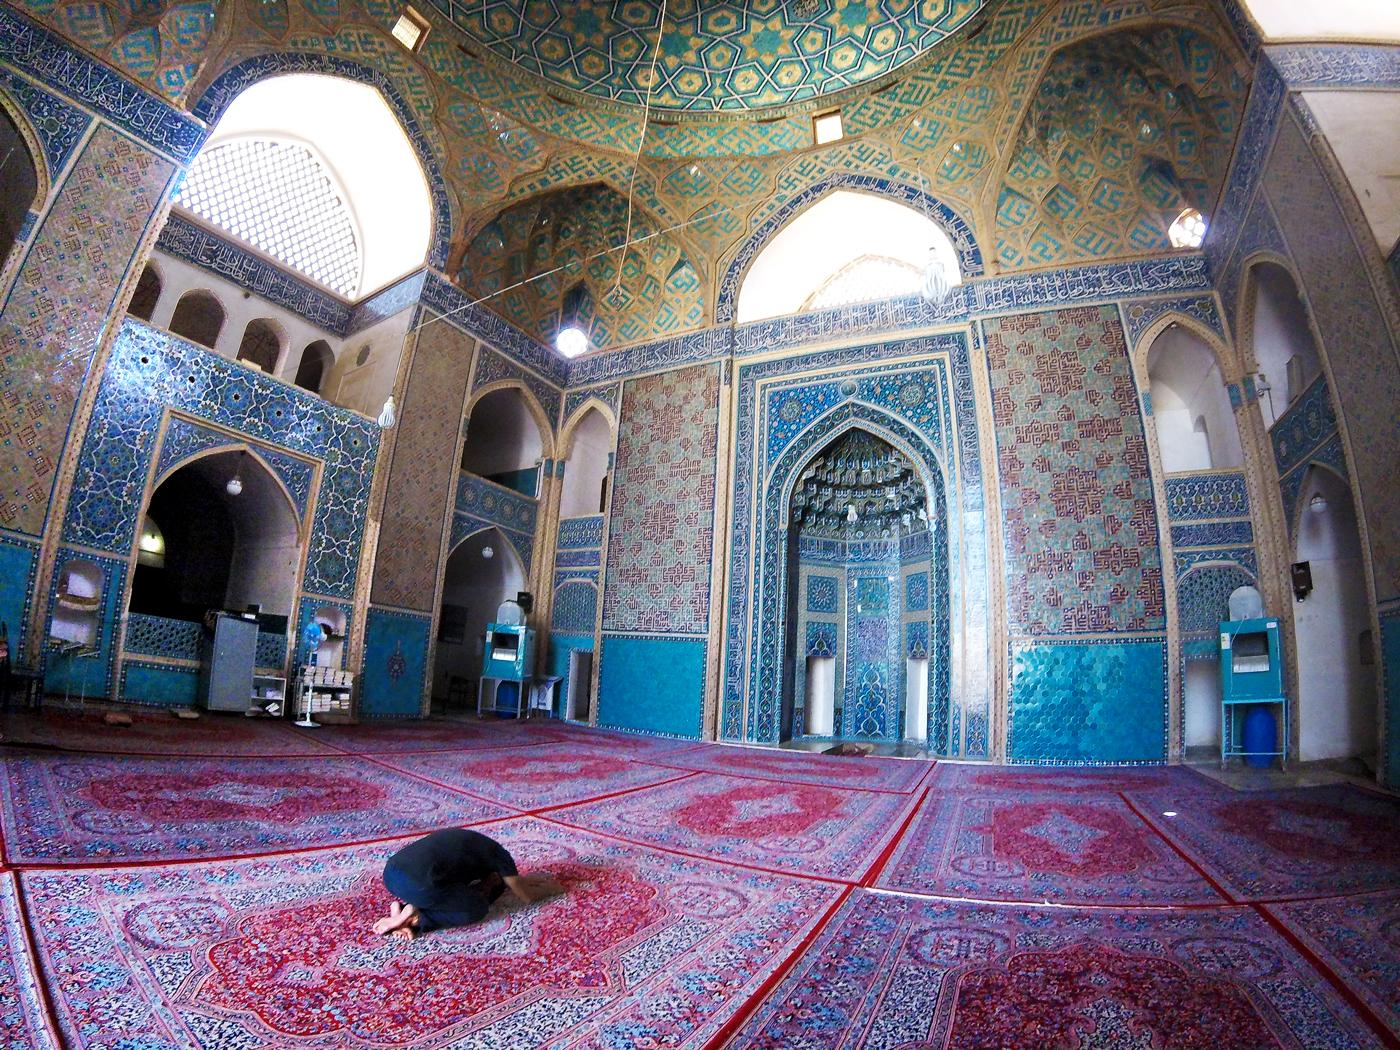 Voyage à vélo, traverser l'Iran à vélo, Grande Mosquée d'Yazd ou mosquée Jameh. Cycling travel, biketouring, cycling Iran, Jameh mosque of Yazd.